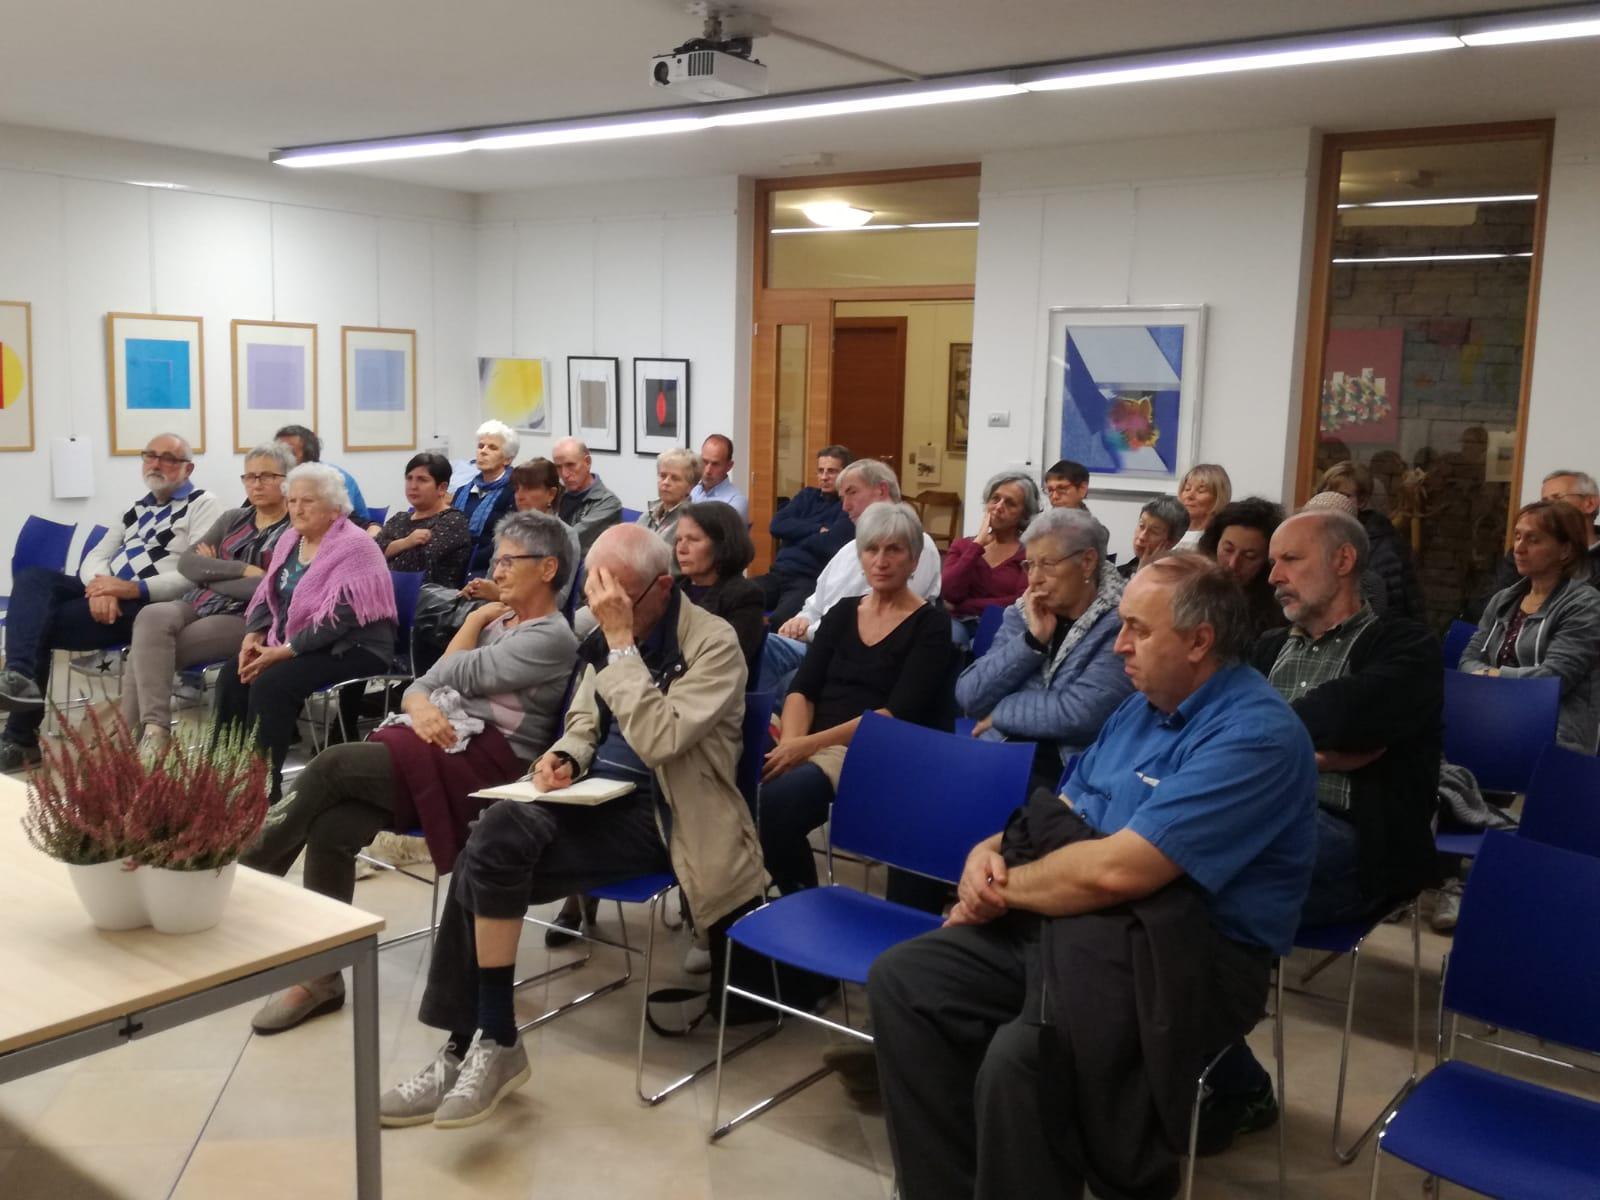 La sala della presentazione a Civezzano